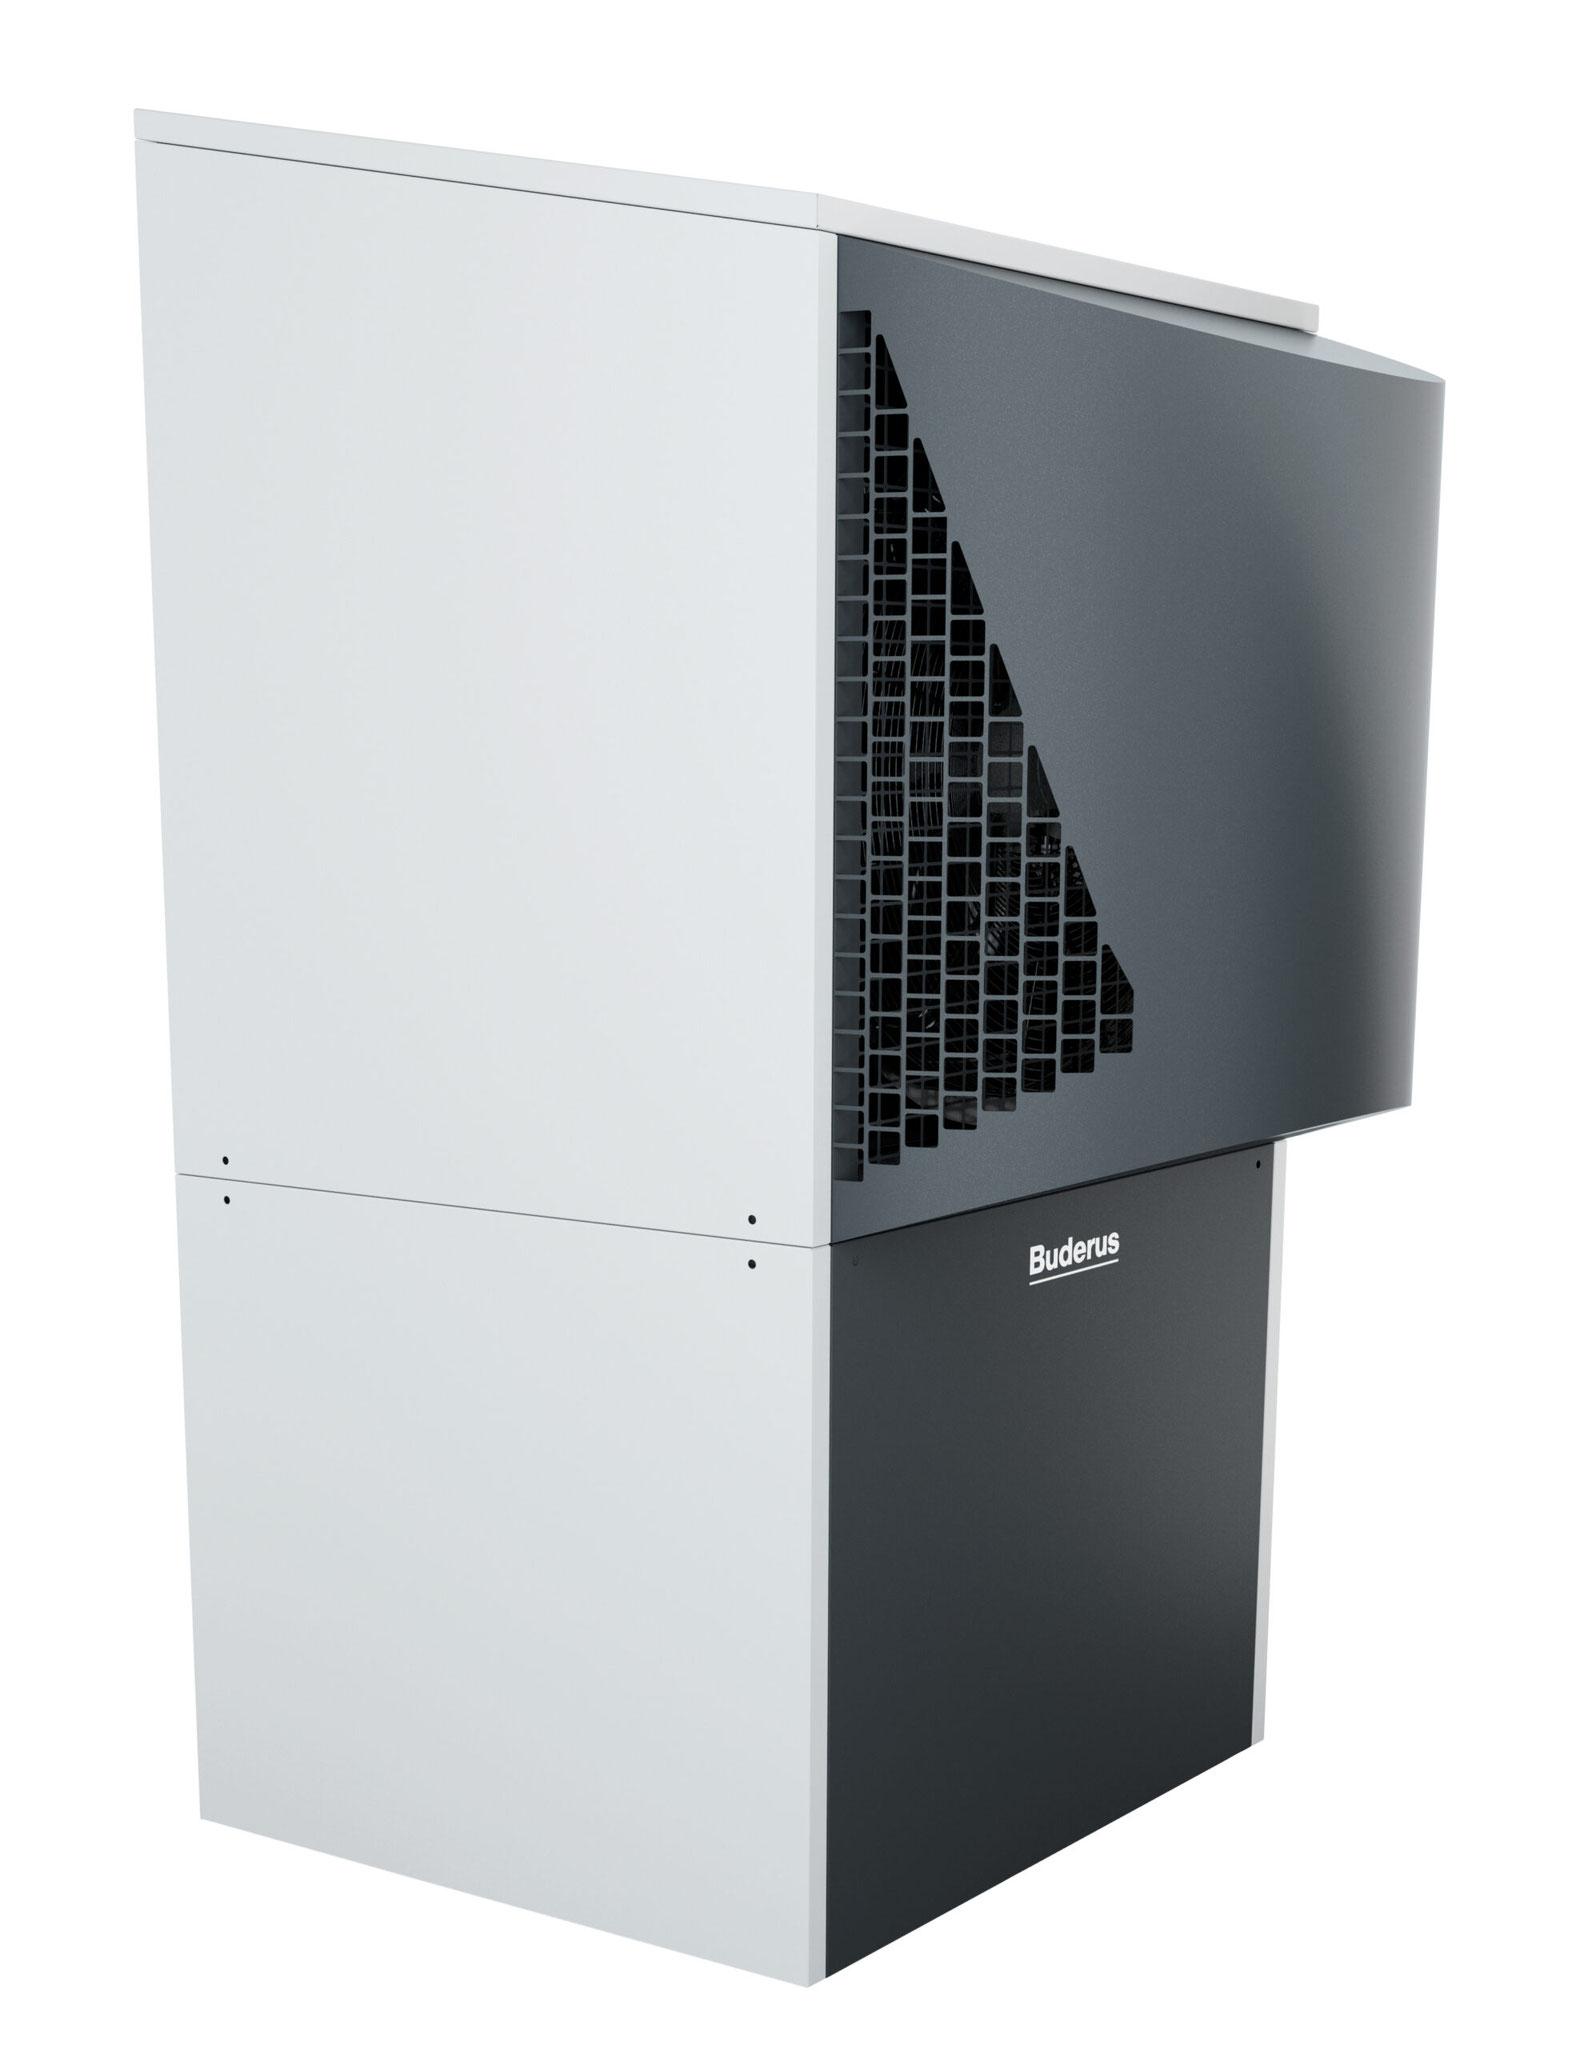 Die Außeneinheit der Logatherm WLW286 A braucht wenig Platz, in der Leistungsgröße 17 und 22 kW sind es lediglich 0,8 Quadratmeter Aufstellfläche. Das Gehäuse ist in Trapezform gestaltet, was die empfundene Größe deutlich reduziert.